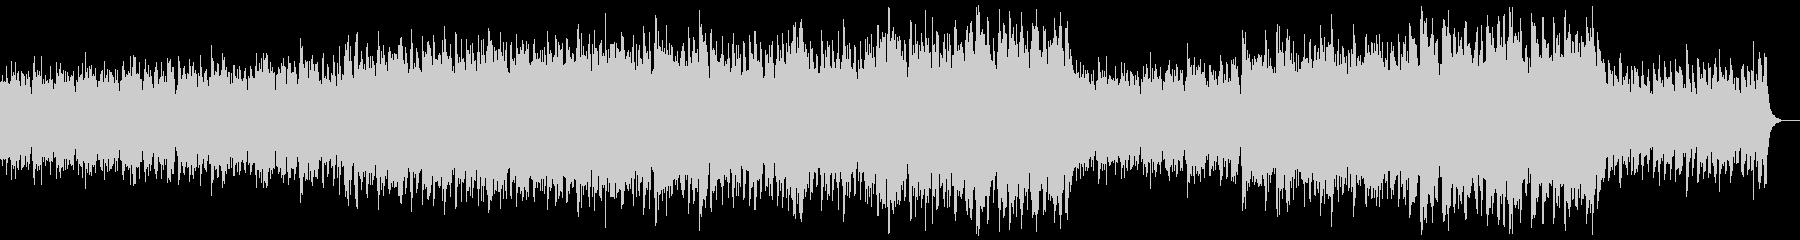 ケルト風ポップオーケストラの未再生の波形